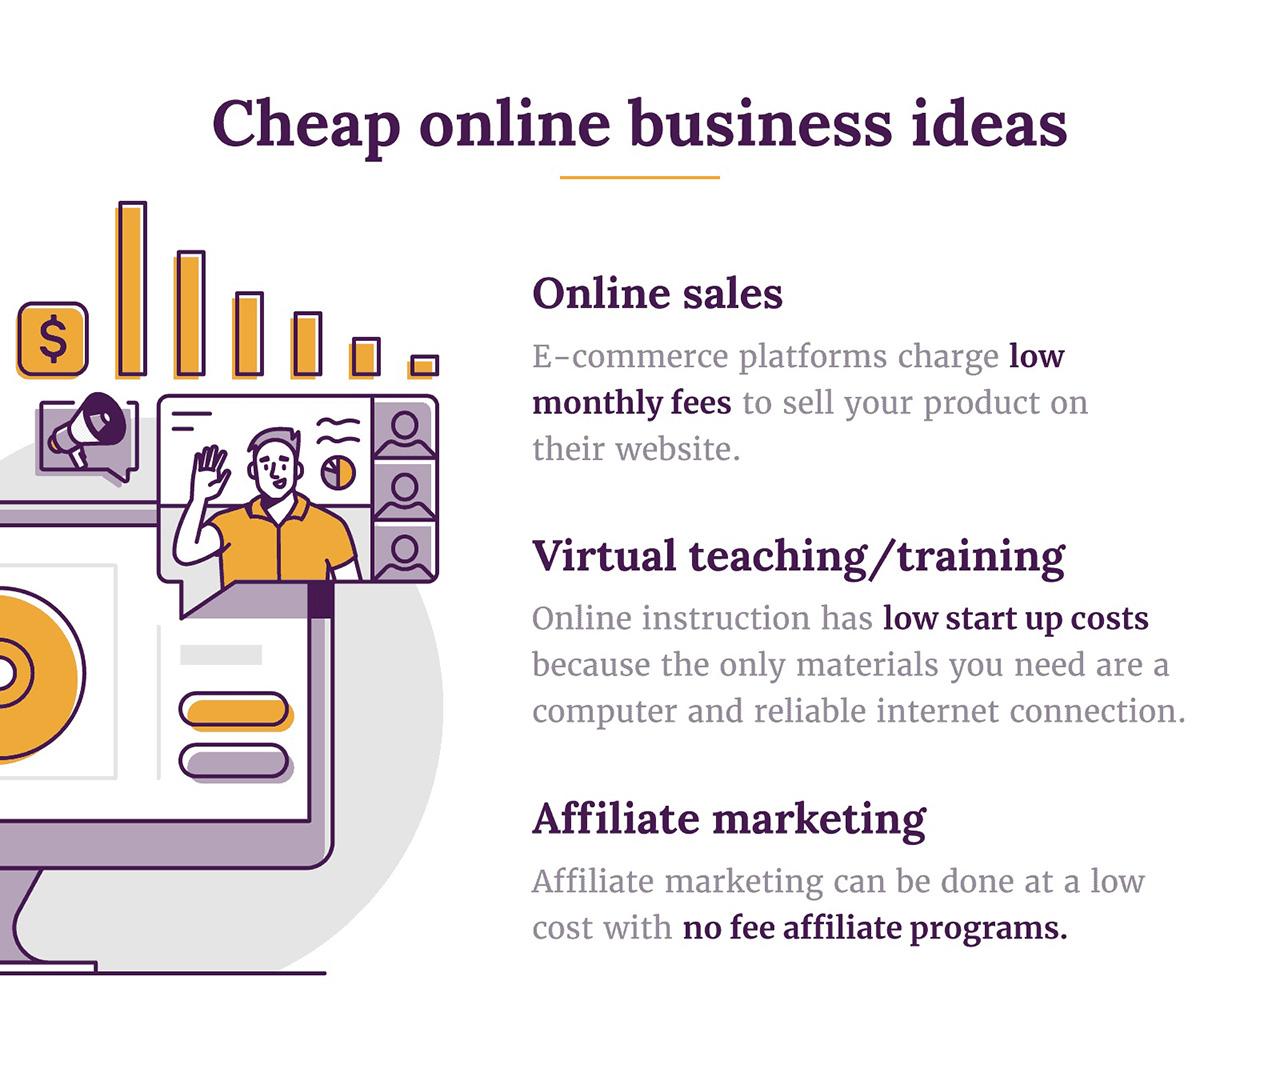 Cheap online business ideas